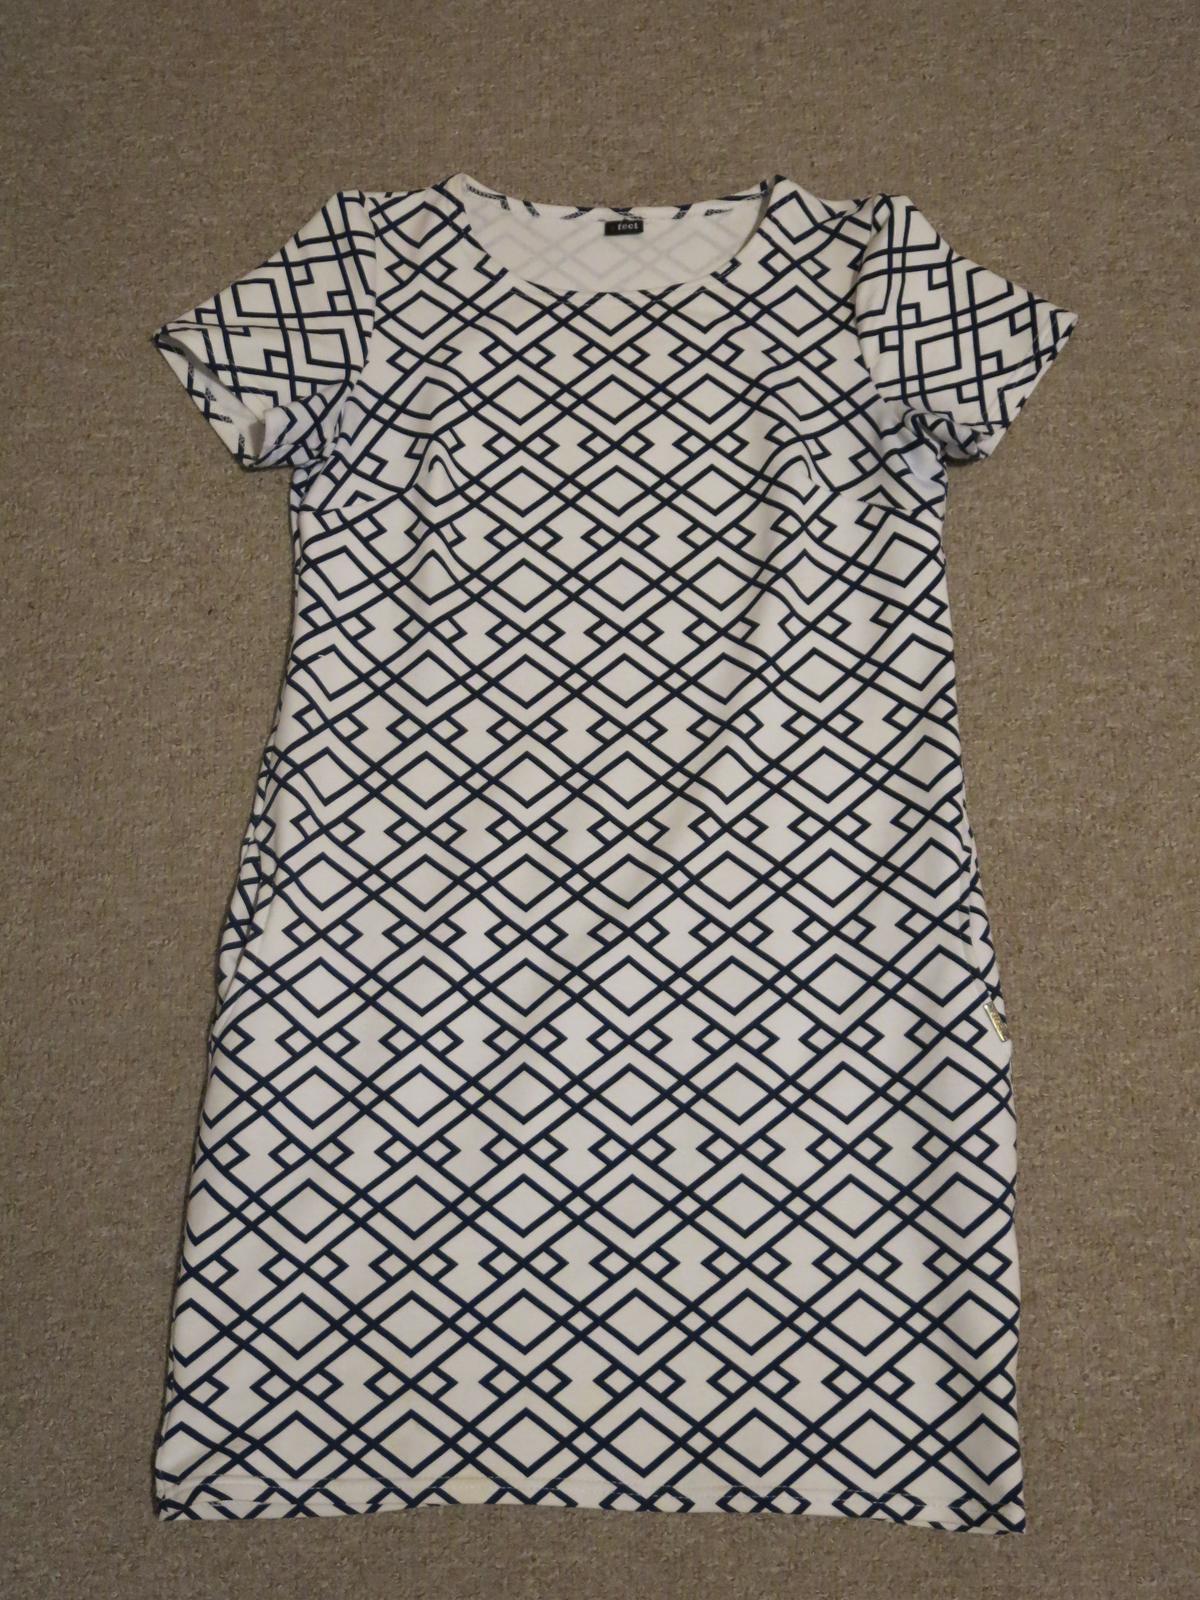 šaty Efect - Obrázek č. 1